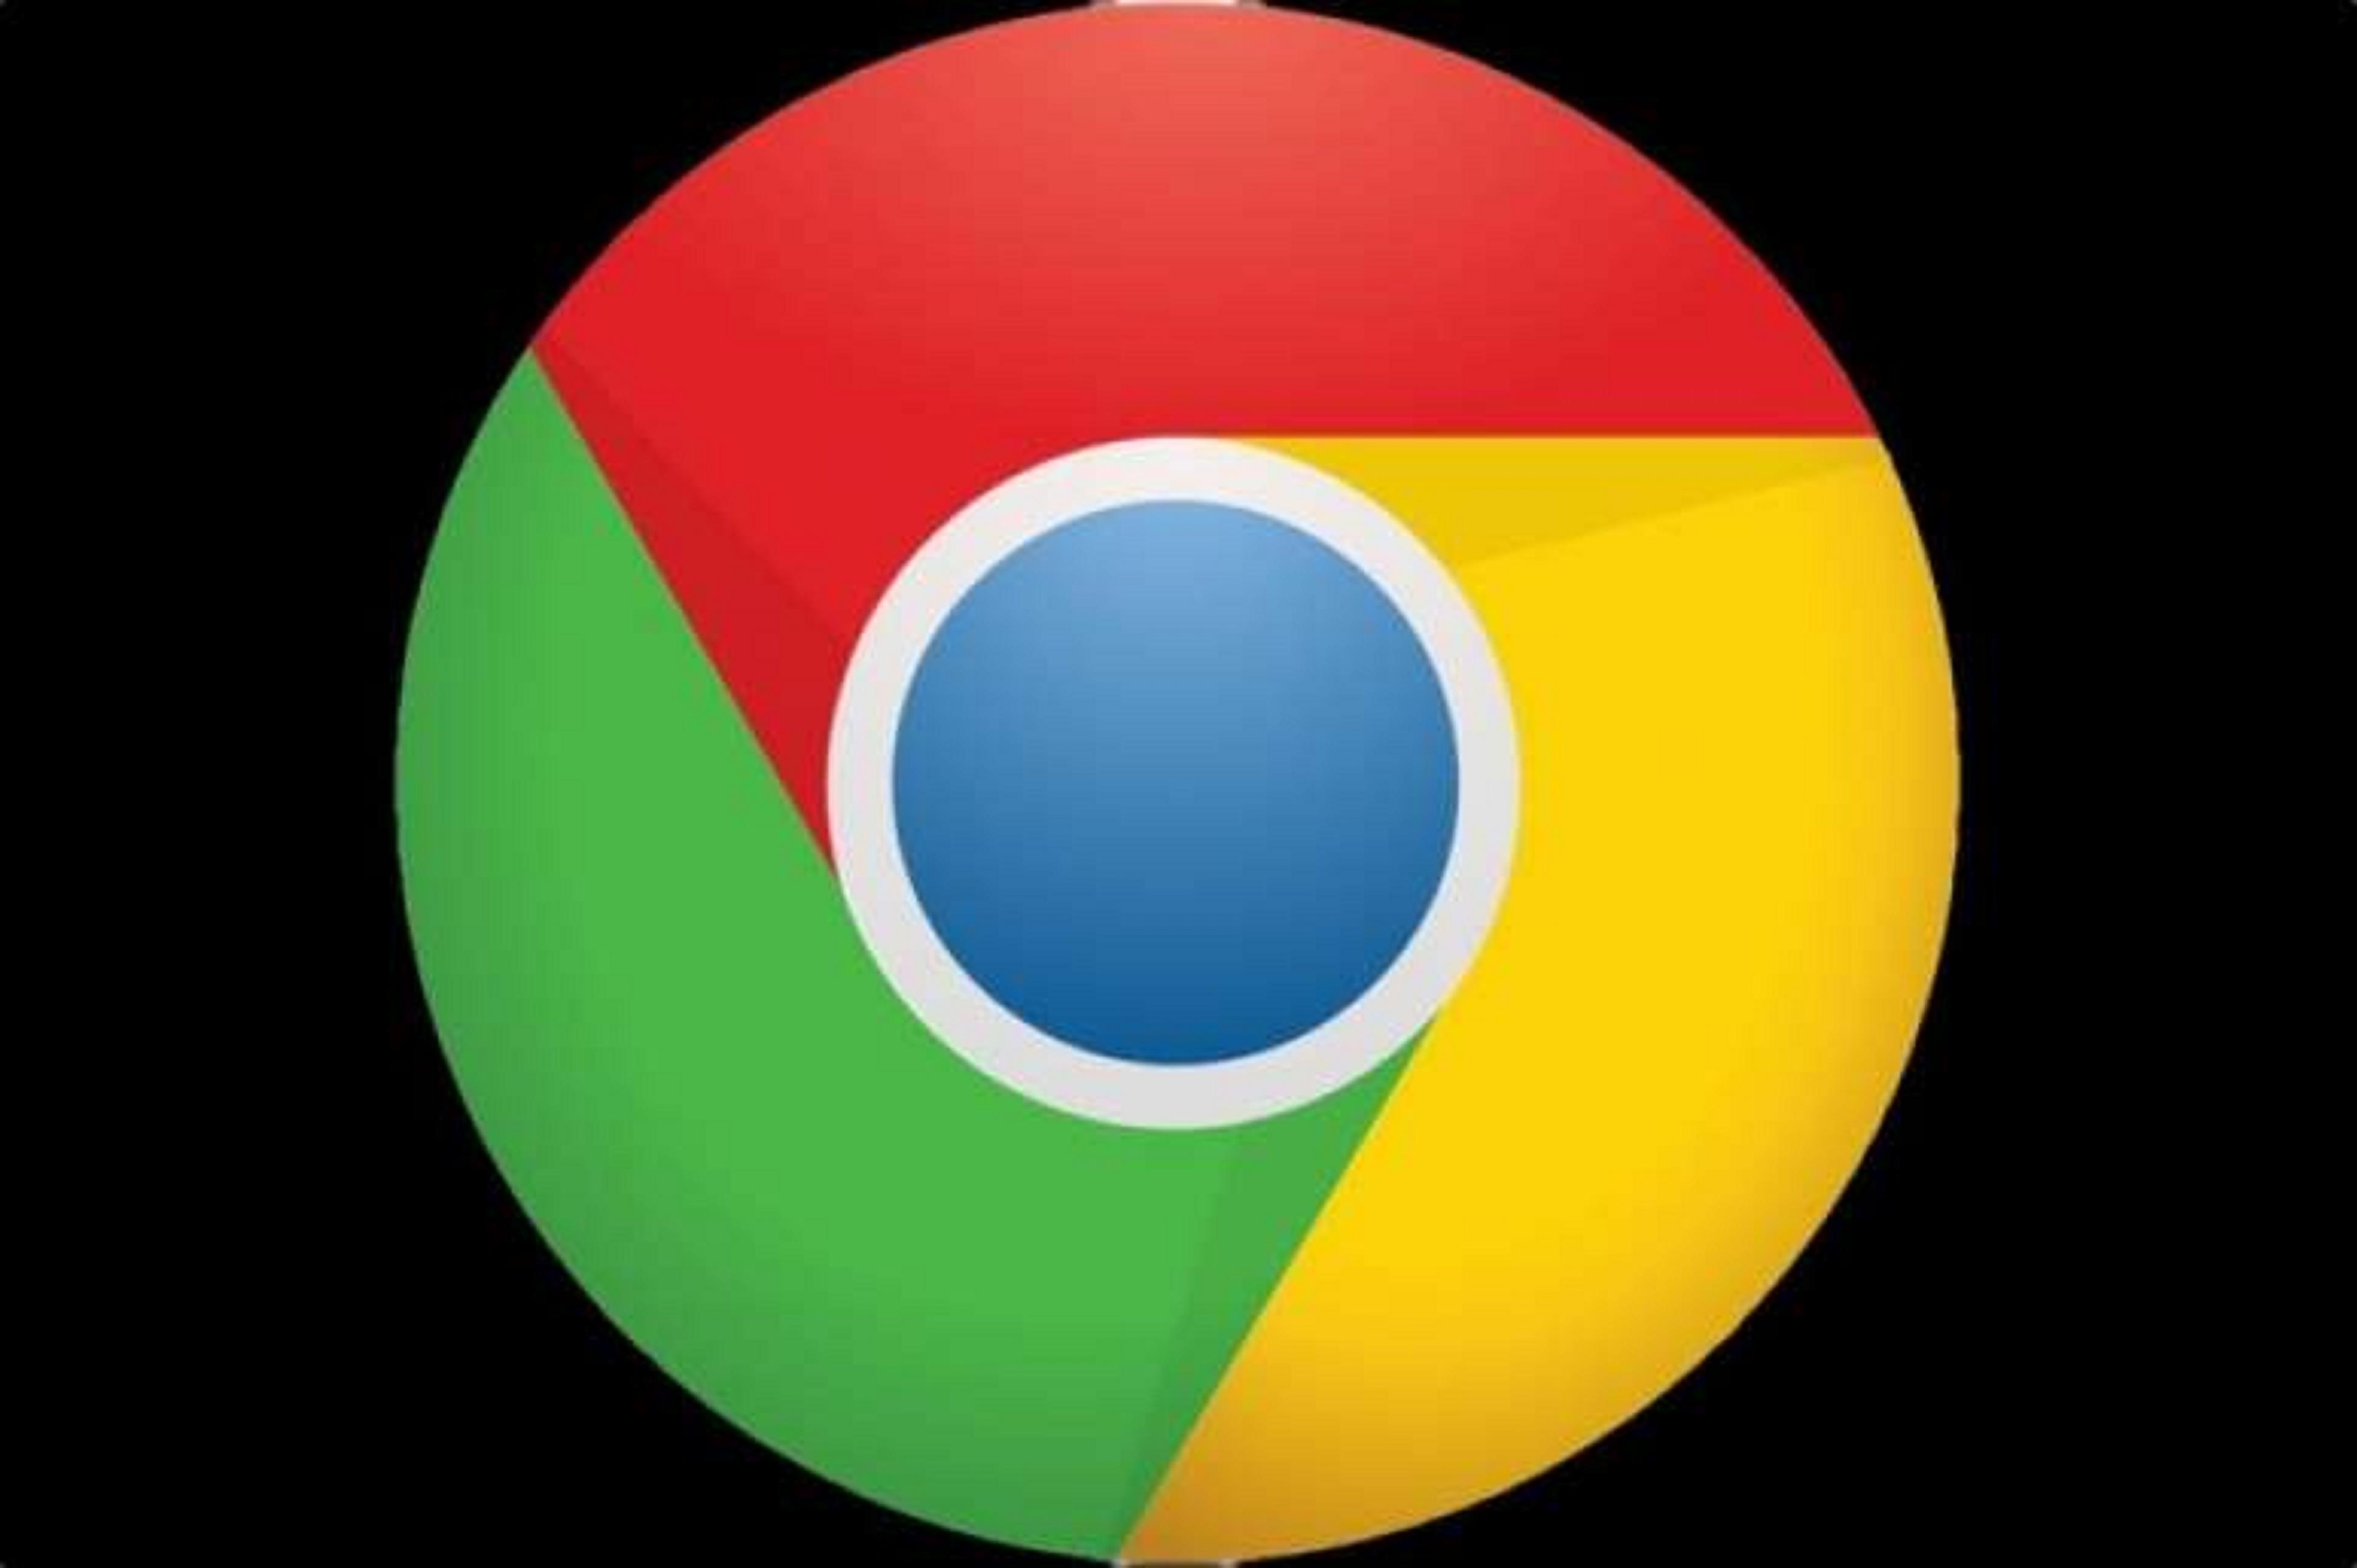 دانلوداخرین ورژن گوگل کروم